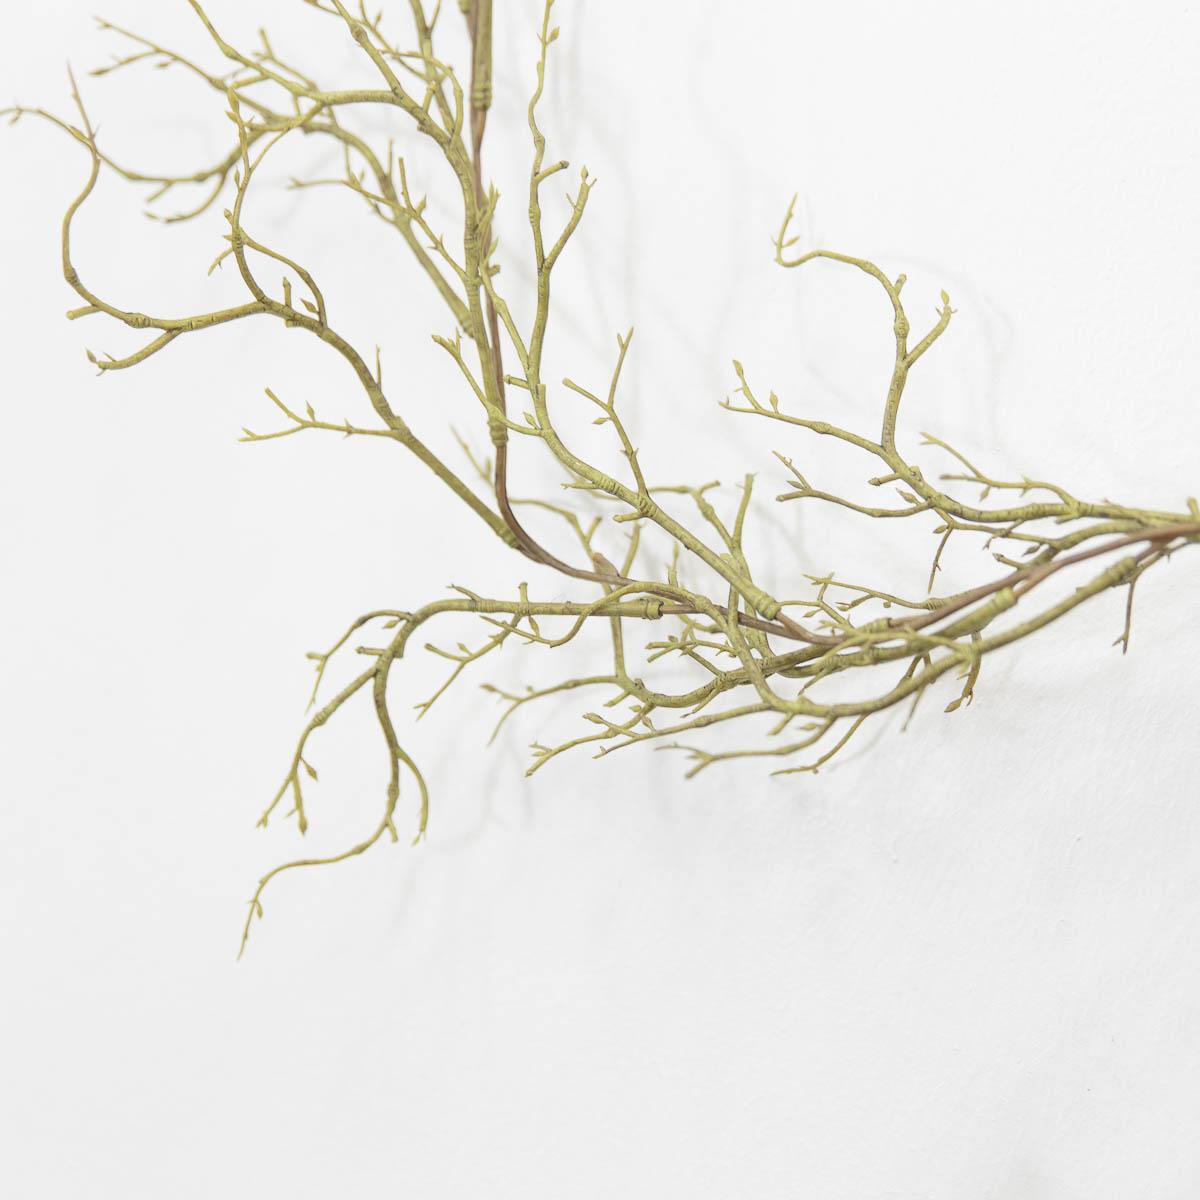 기근 트위그가지 행잉플랜트 조화넝쿨 갈란드 180cm 기근디테일